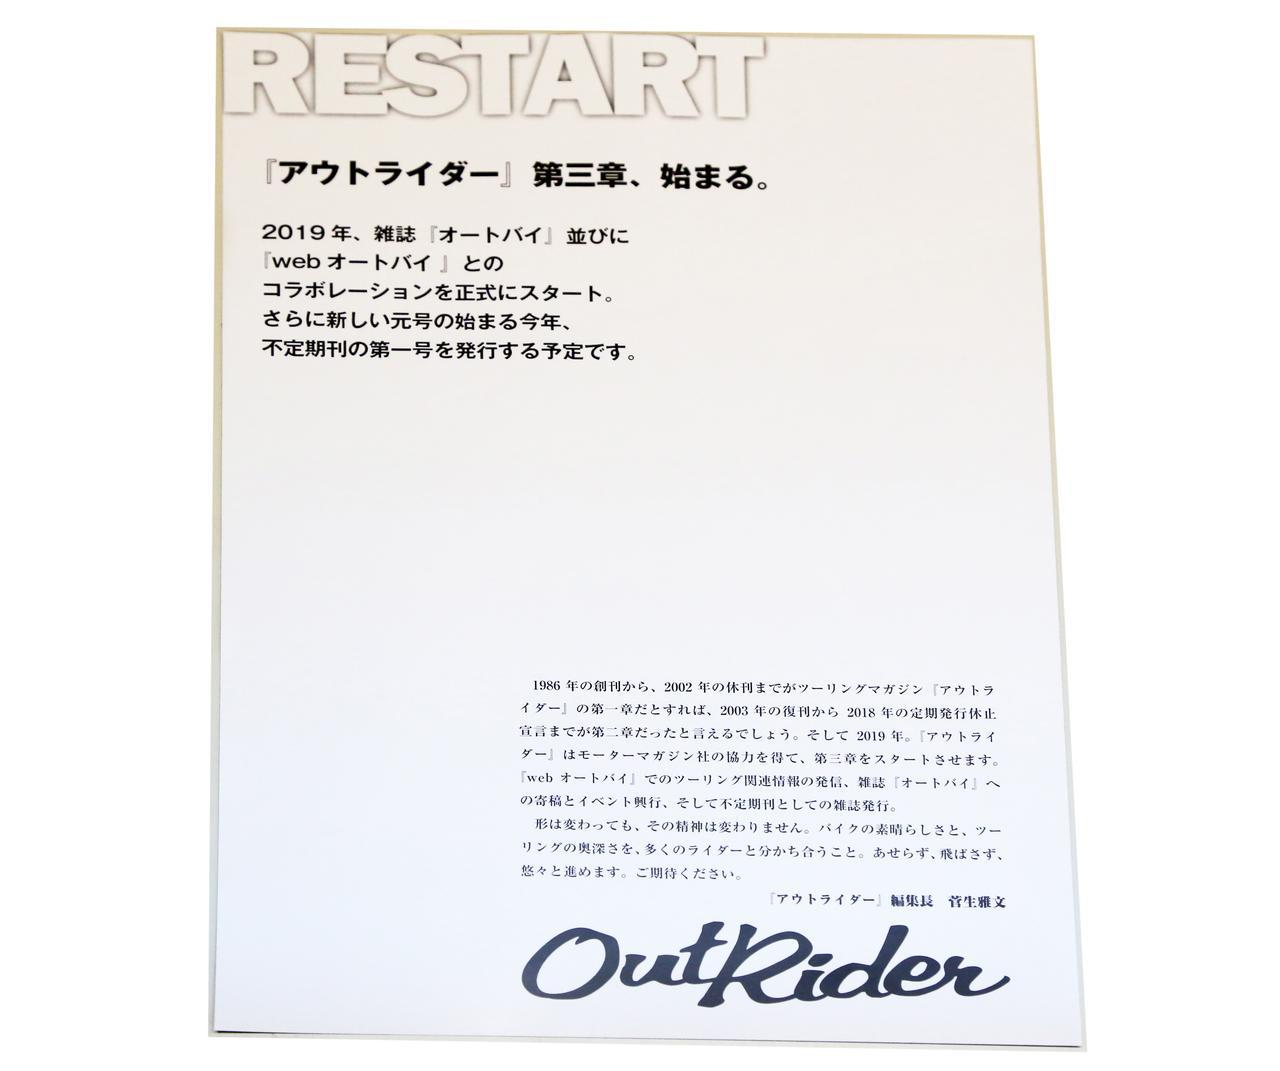 画像1: 同梱された一枚の写真の裏側に、菅生氏の決意表明が記されています。